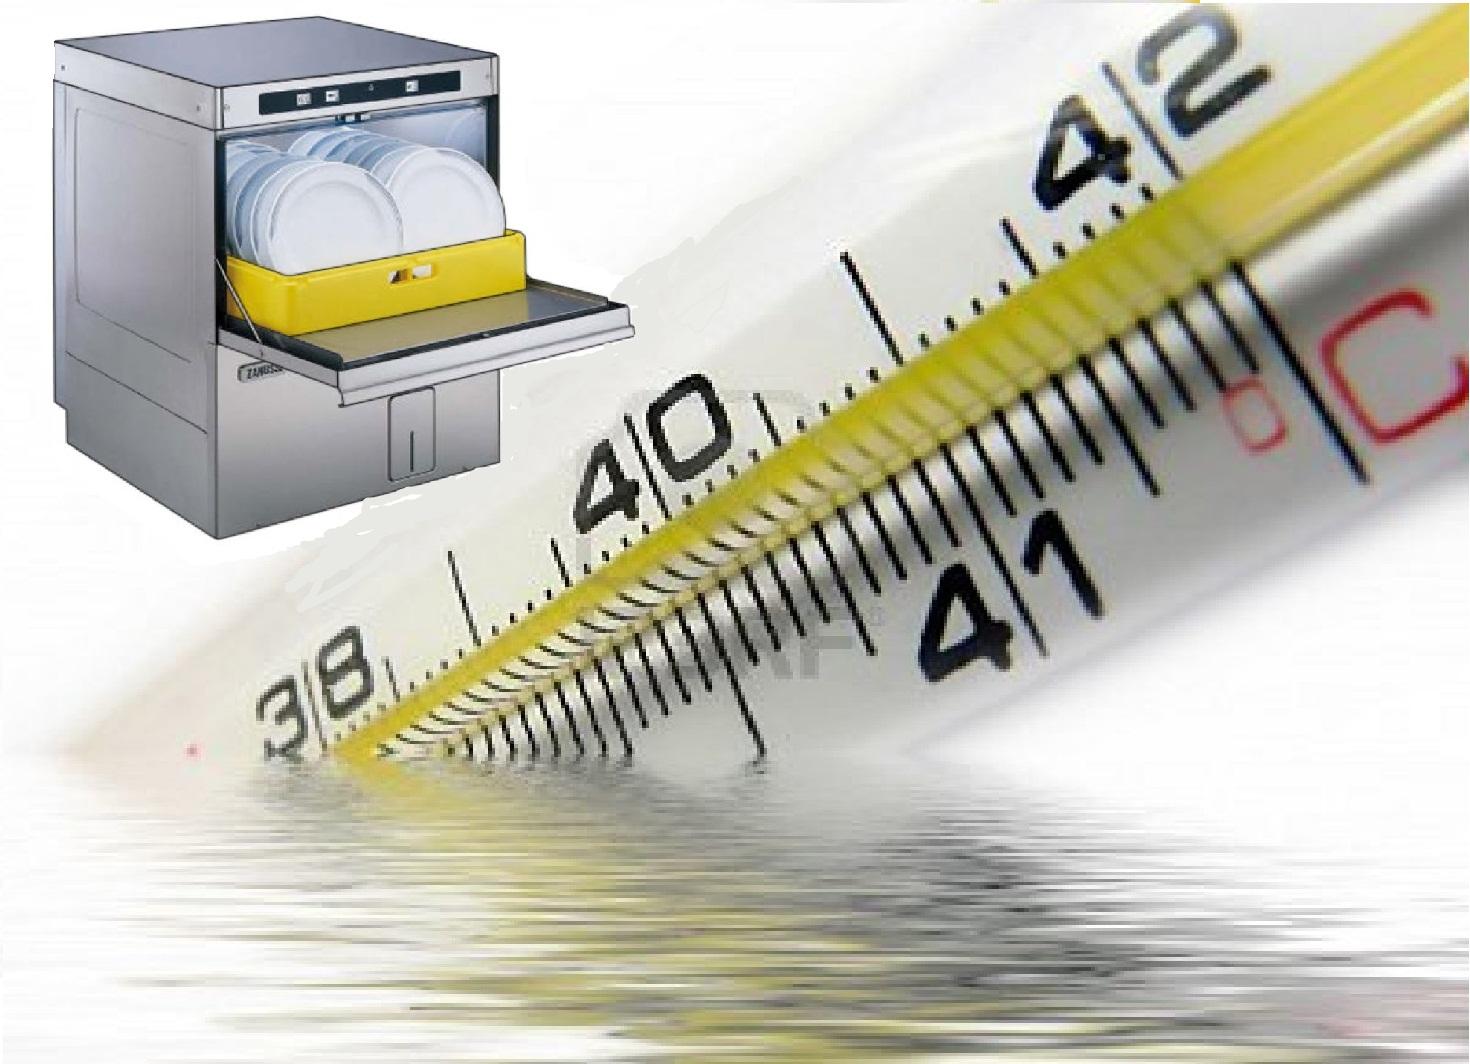 Не нагревается вода в посудомоечной машине